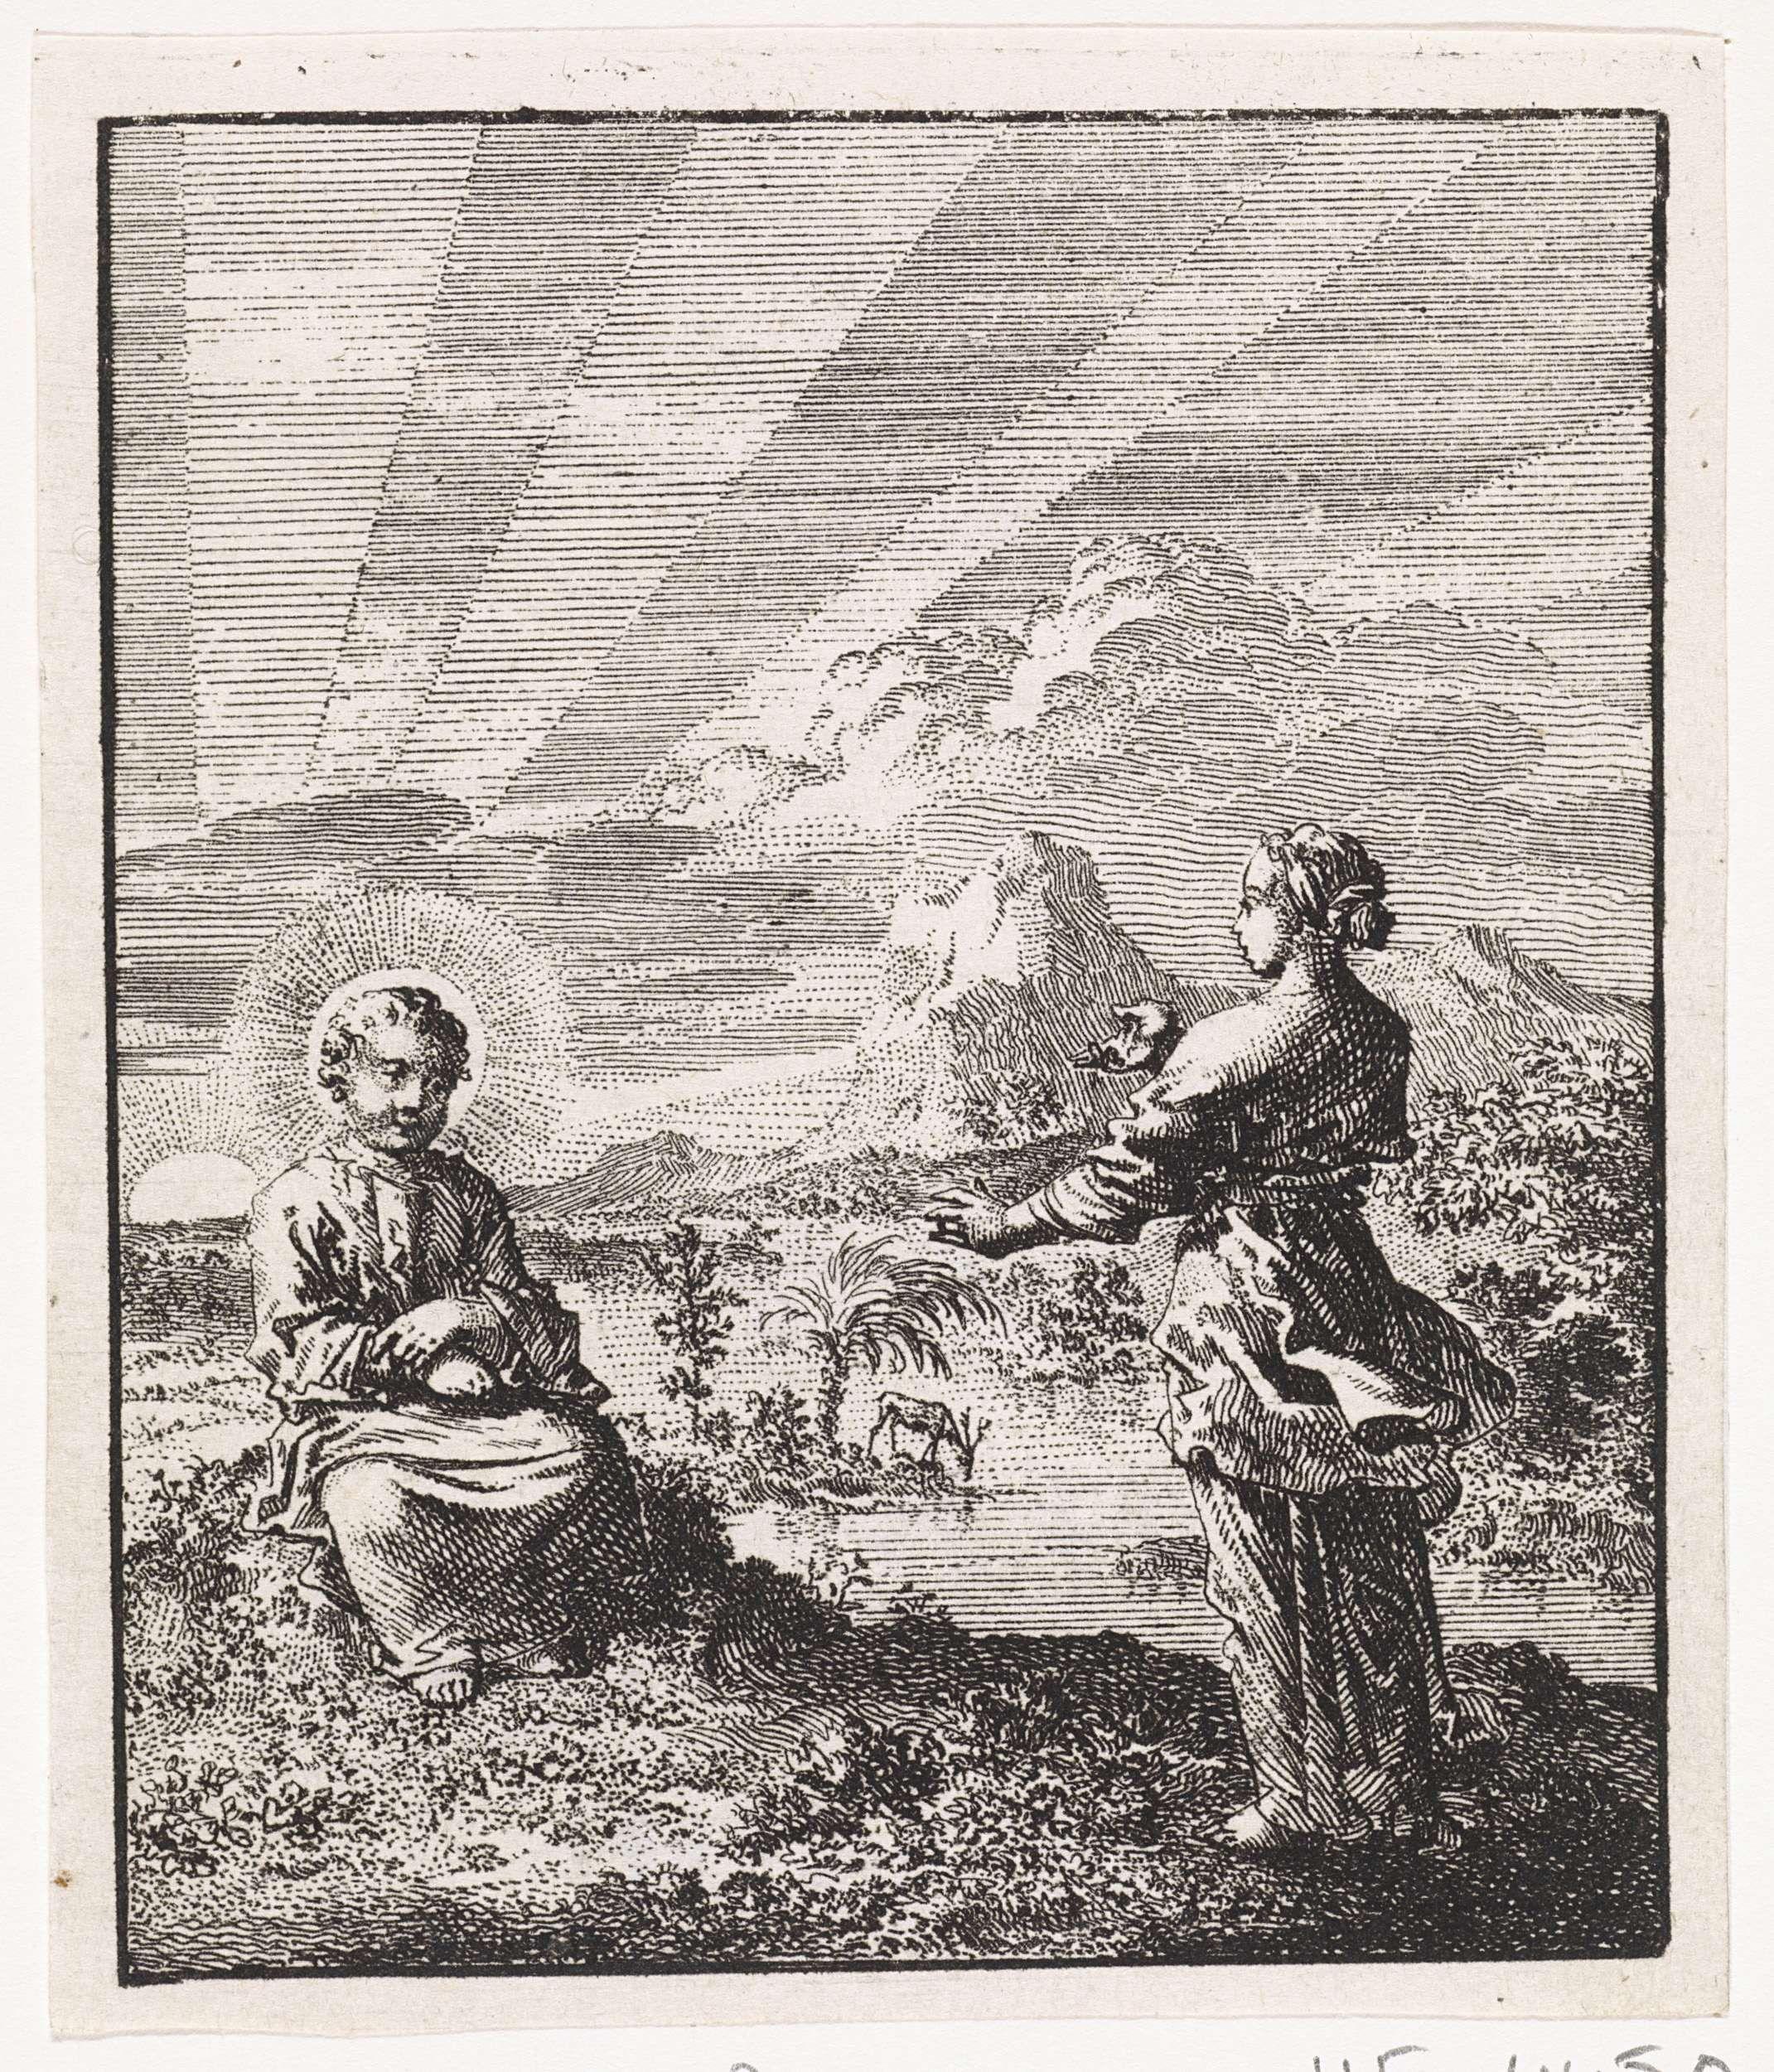 Jan Luyken   Christus en de gepersonifieerde ziel aanschouwen de opkomende zon, Jan Luyken, 1714  